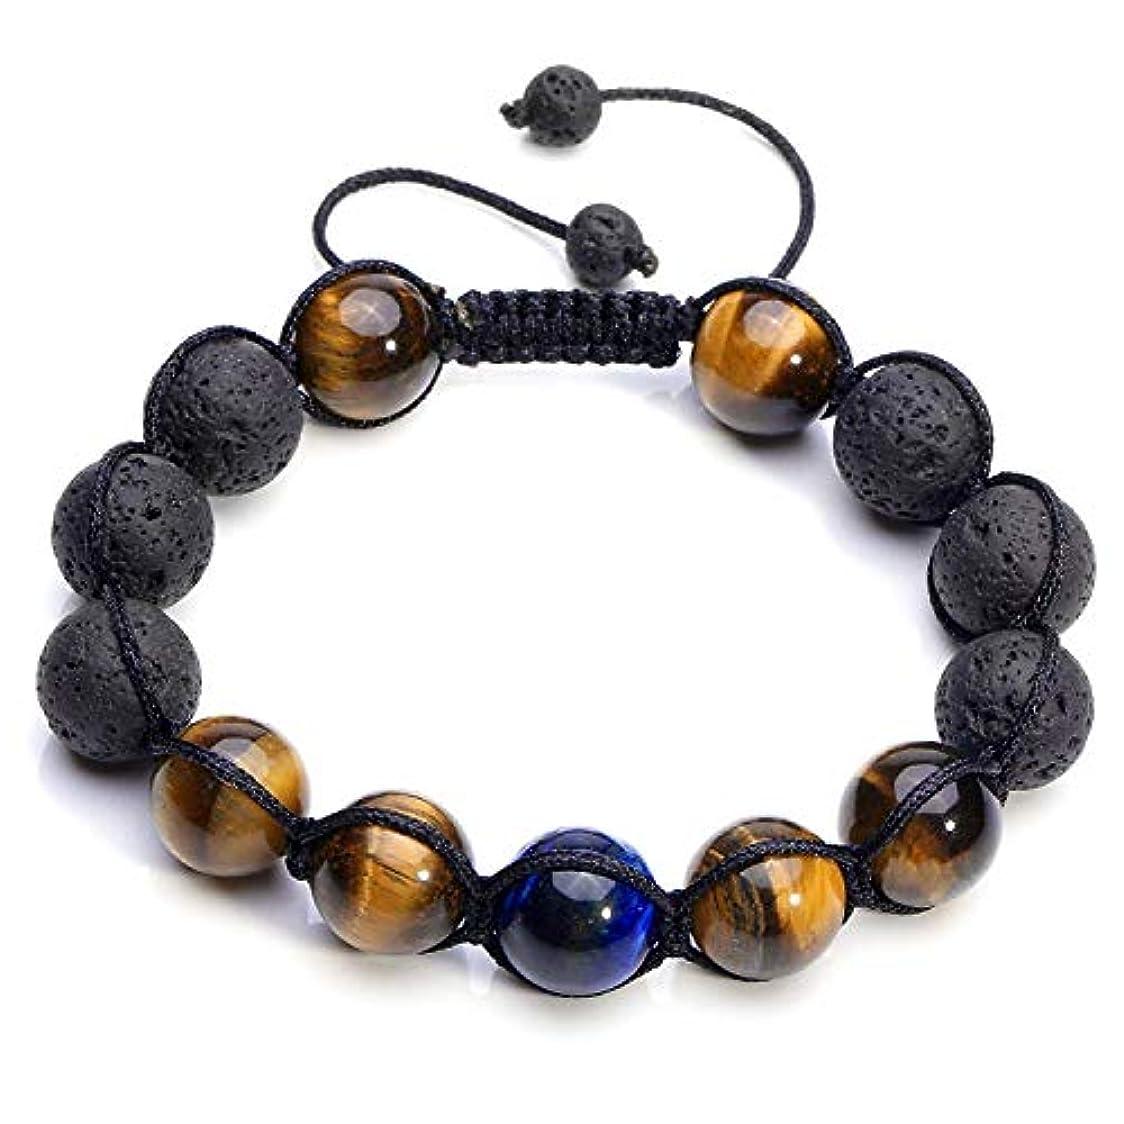 空中冷笑する計算可能crystaltears Adjustable Tiger Eye & Calm Lava Stone Diffuserブレスレット – 瞑想、接地自己自信、アロマセラピー、ヒーリング、エッセンシャルオイル、